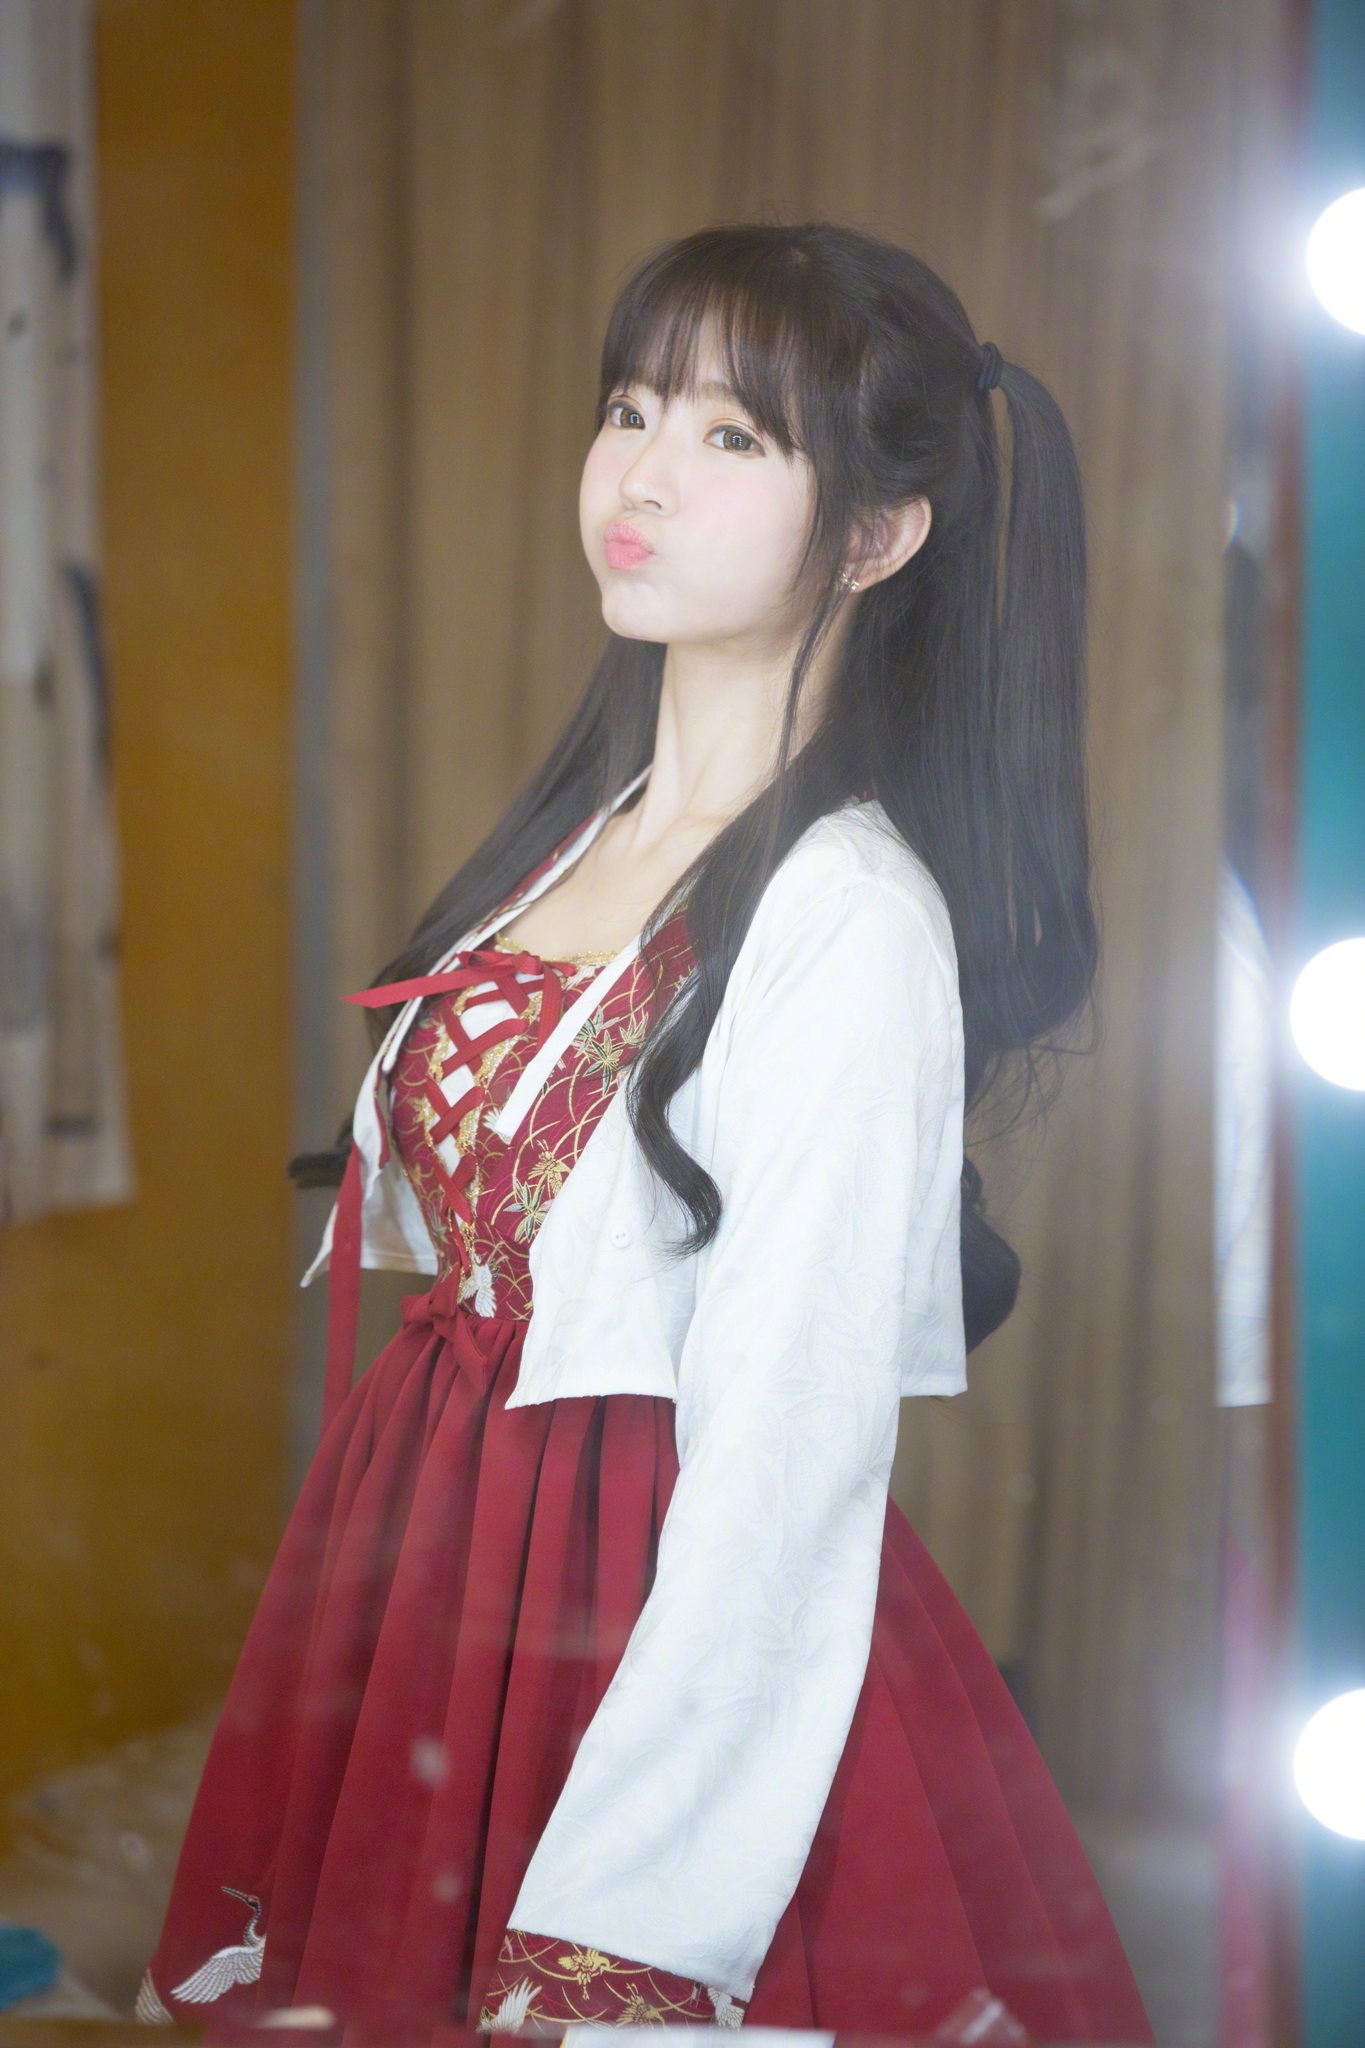 韩服的yurisa~ 